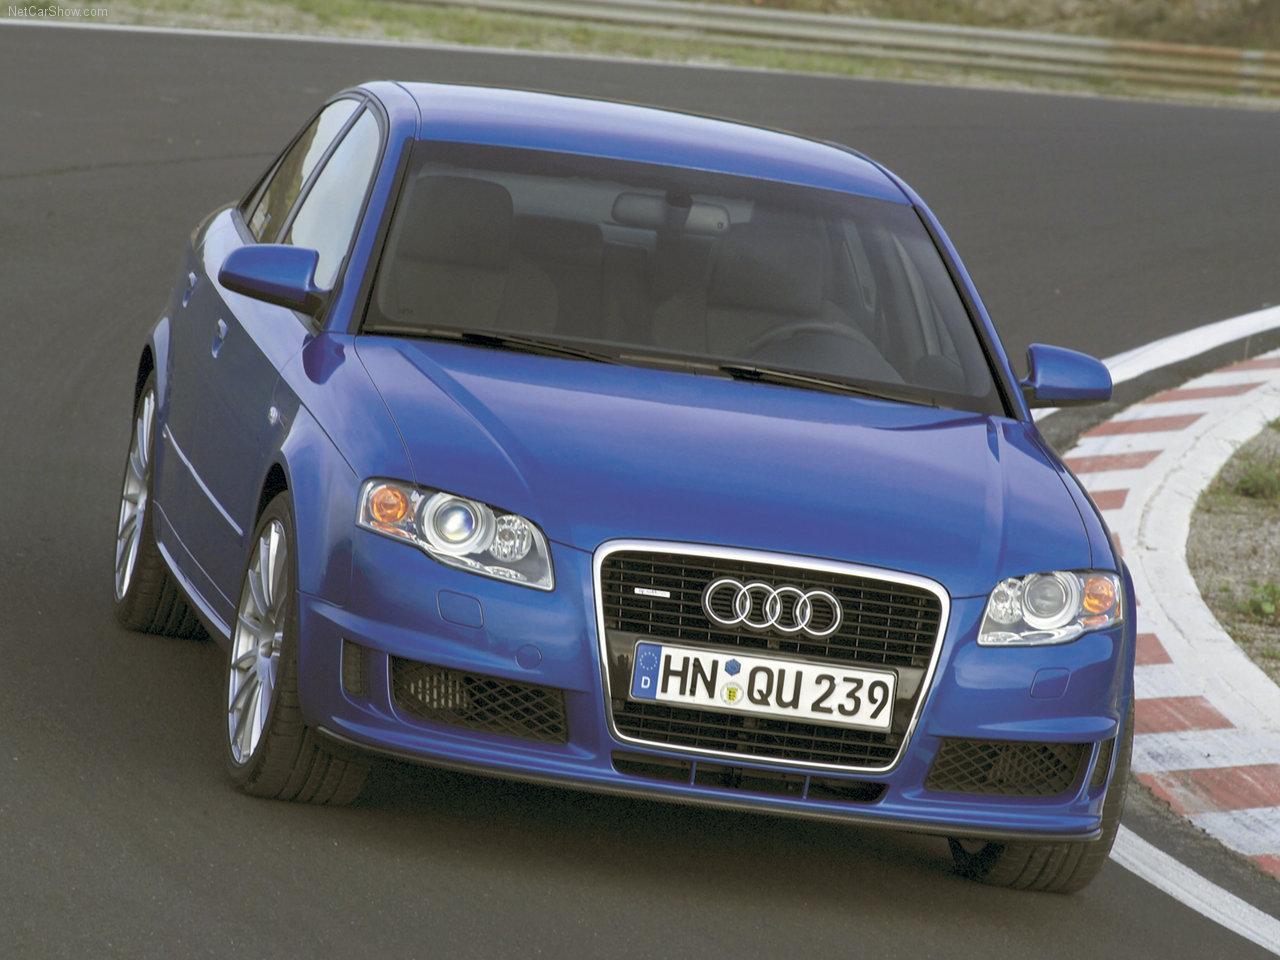 Audi A4 DTM Edition 2005 Audi-A4_DTM_Edition-2005-1280-04